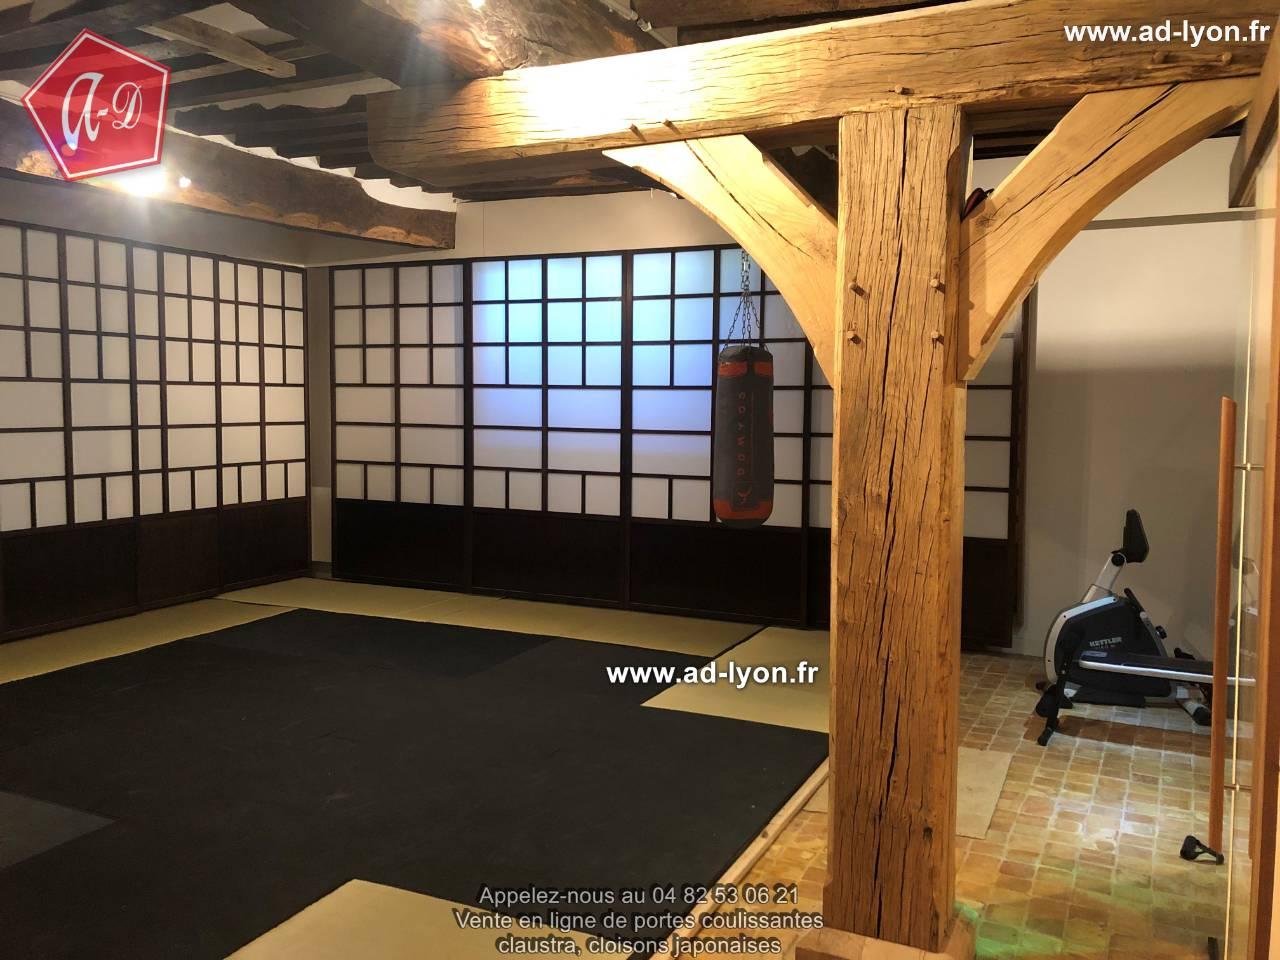 se faire un dojo chez soi avec de vrais panneaux japonais